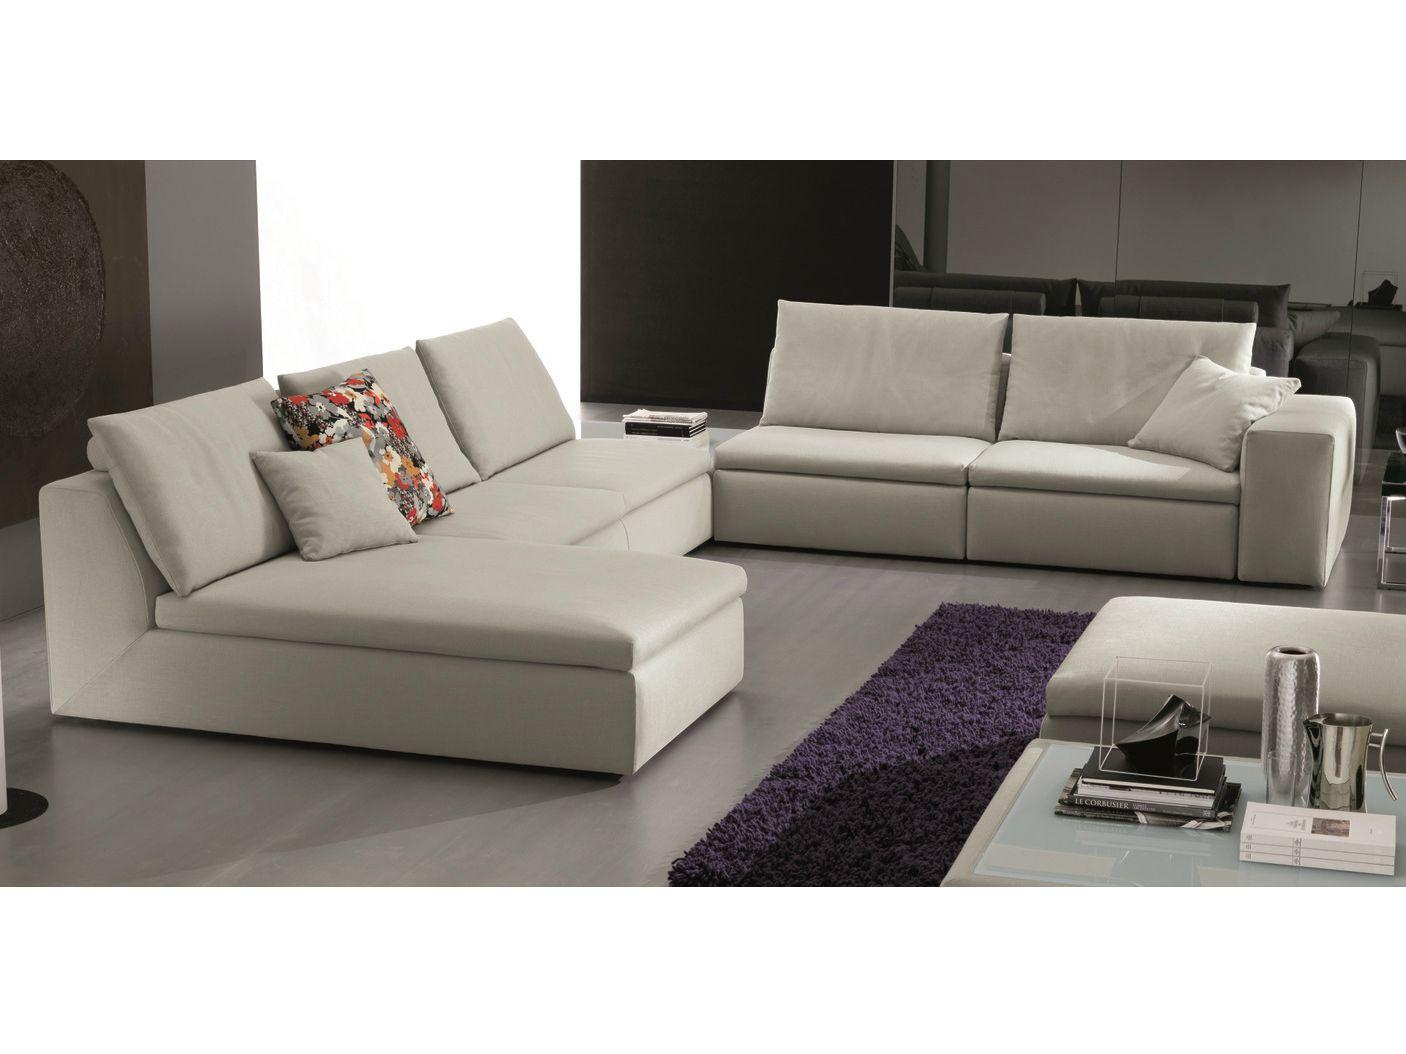 Bryan divano angolare by bontempi casa design fabrizio for Divano angolare in tessuto